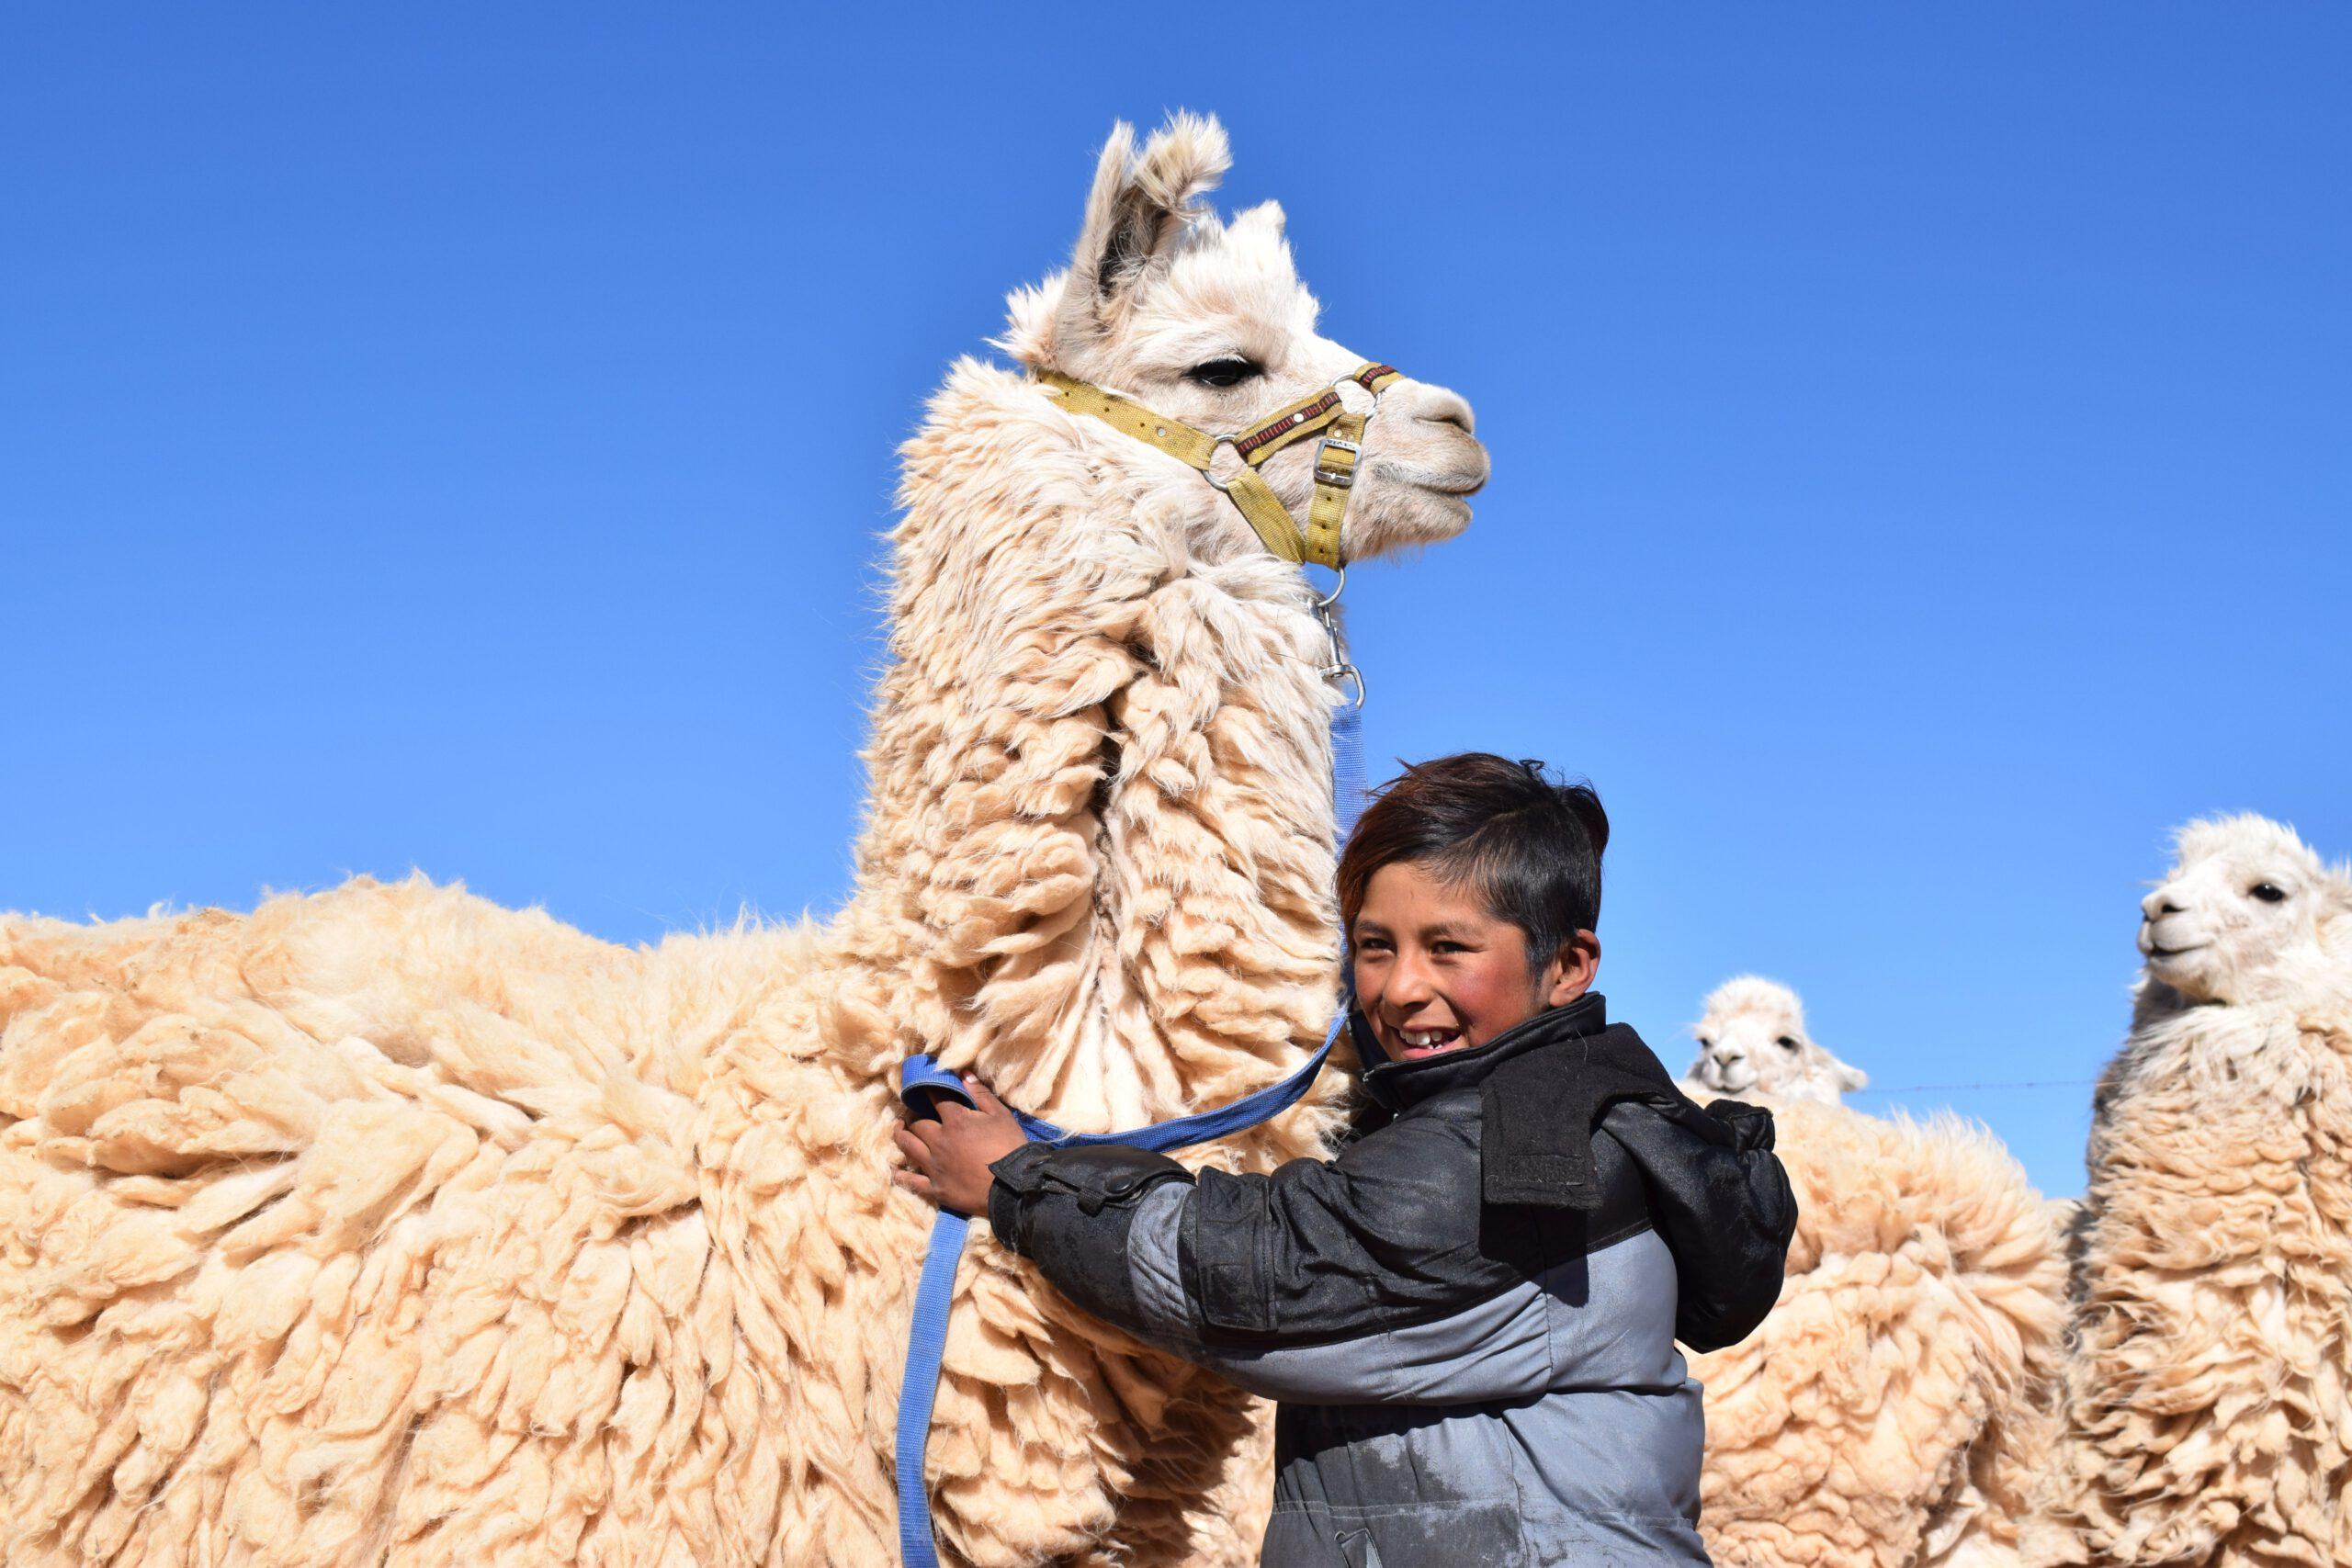 Sinnvoll schenken: Lamas zur Wollgewinnung